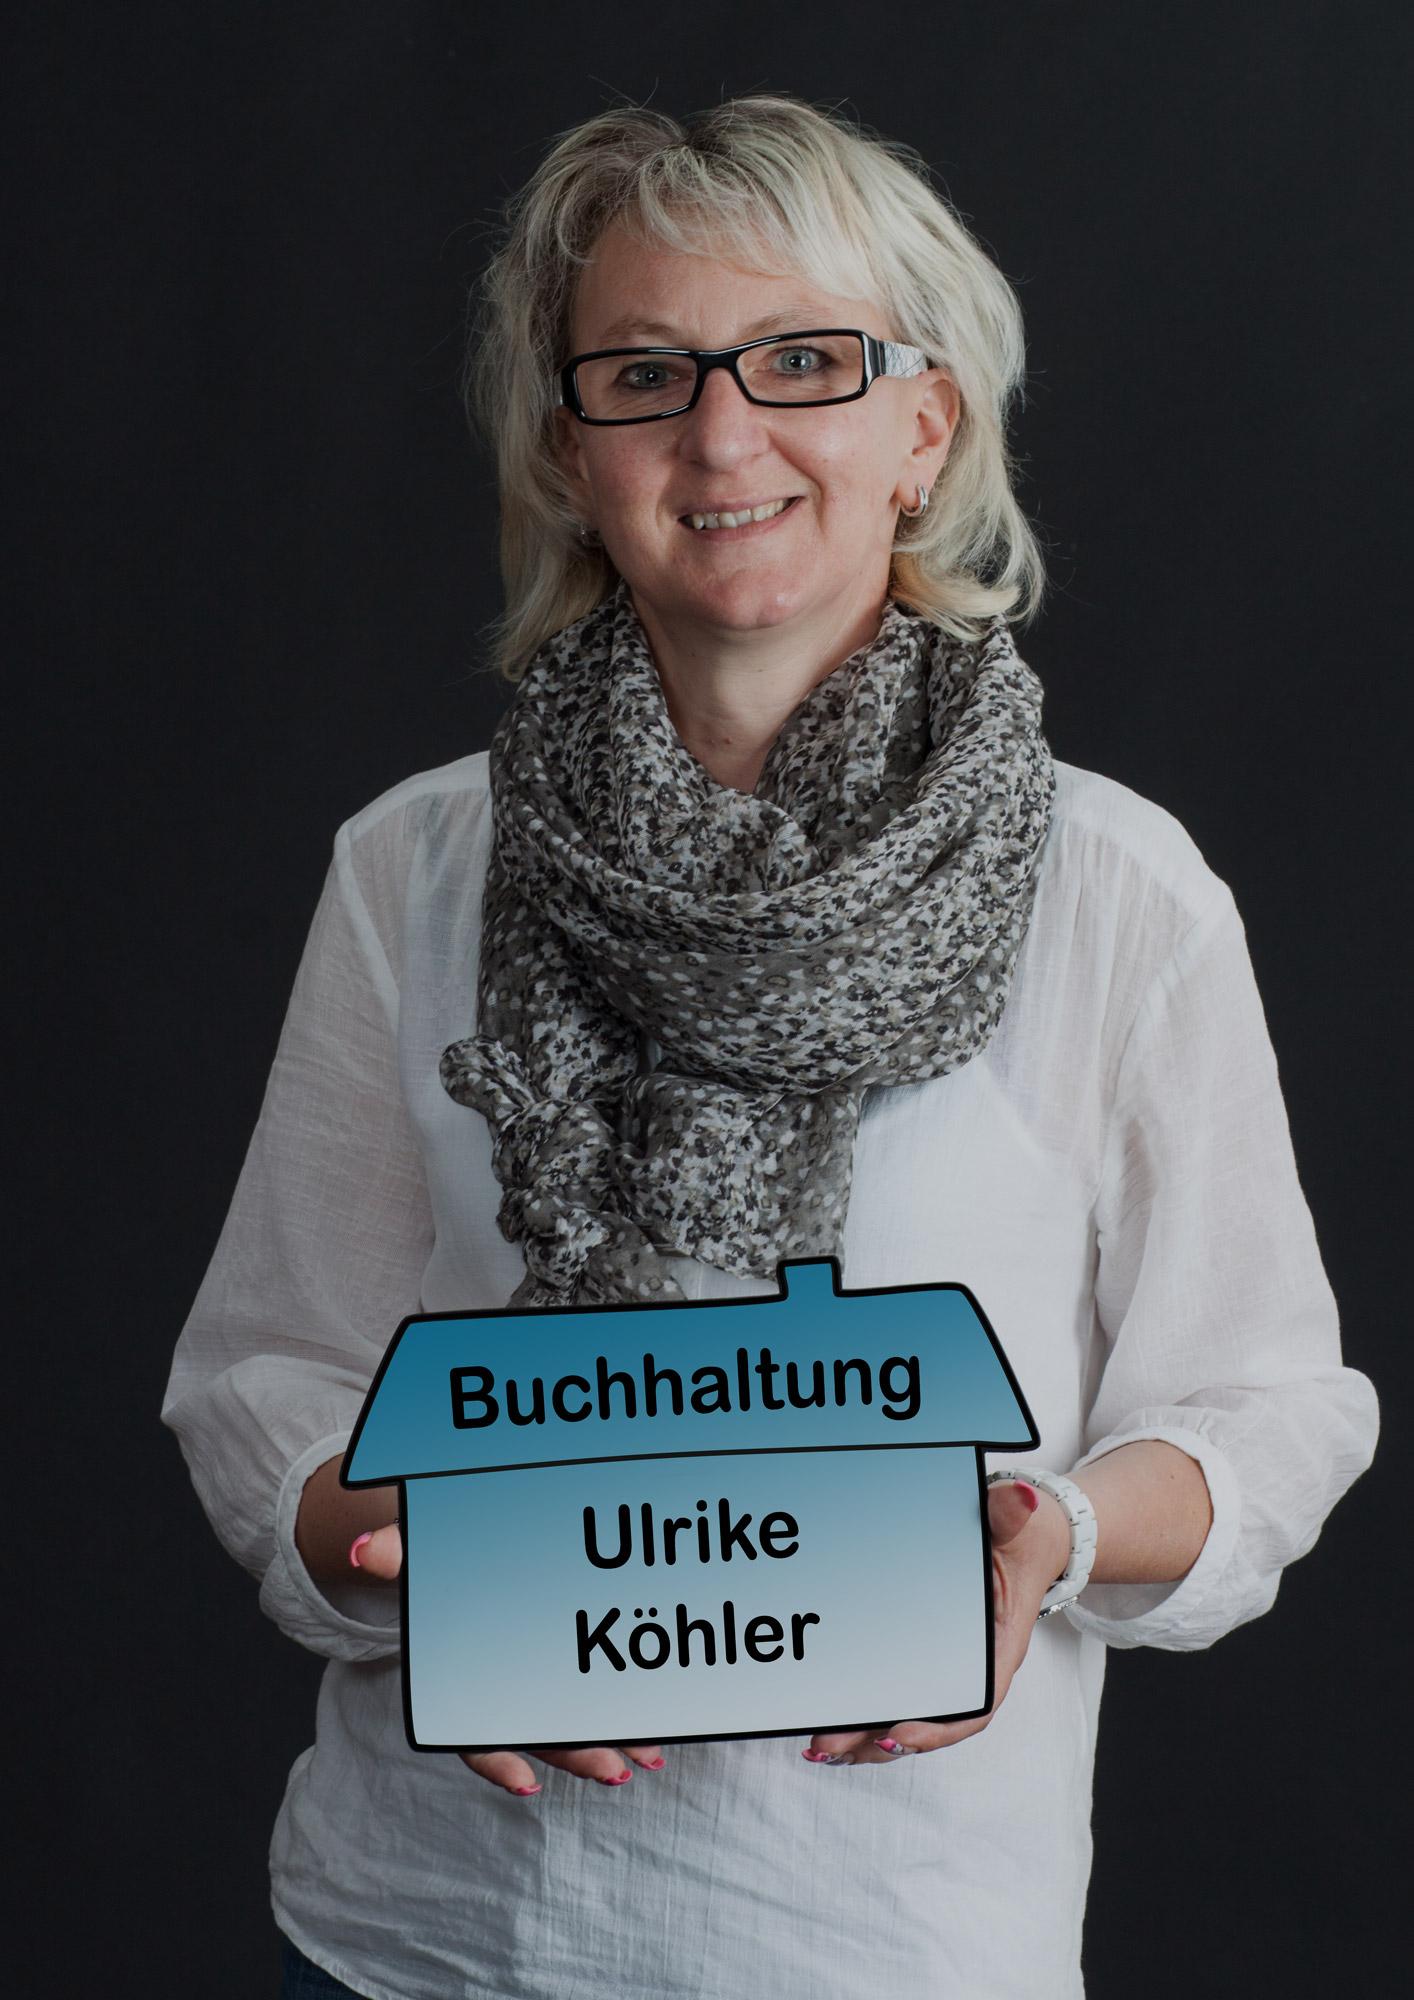 Ulrike Köhler